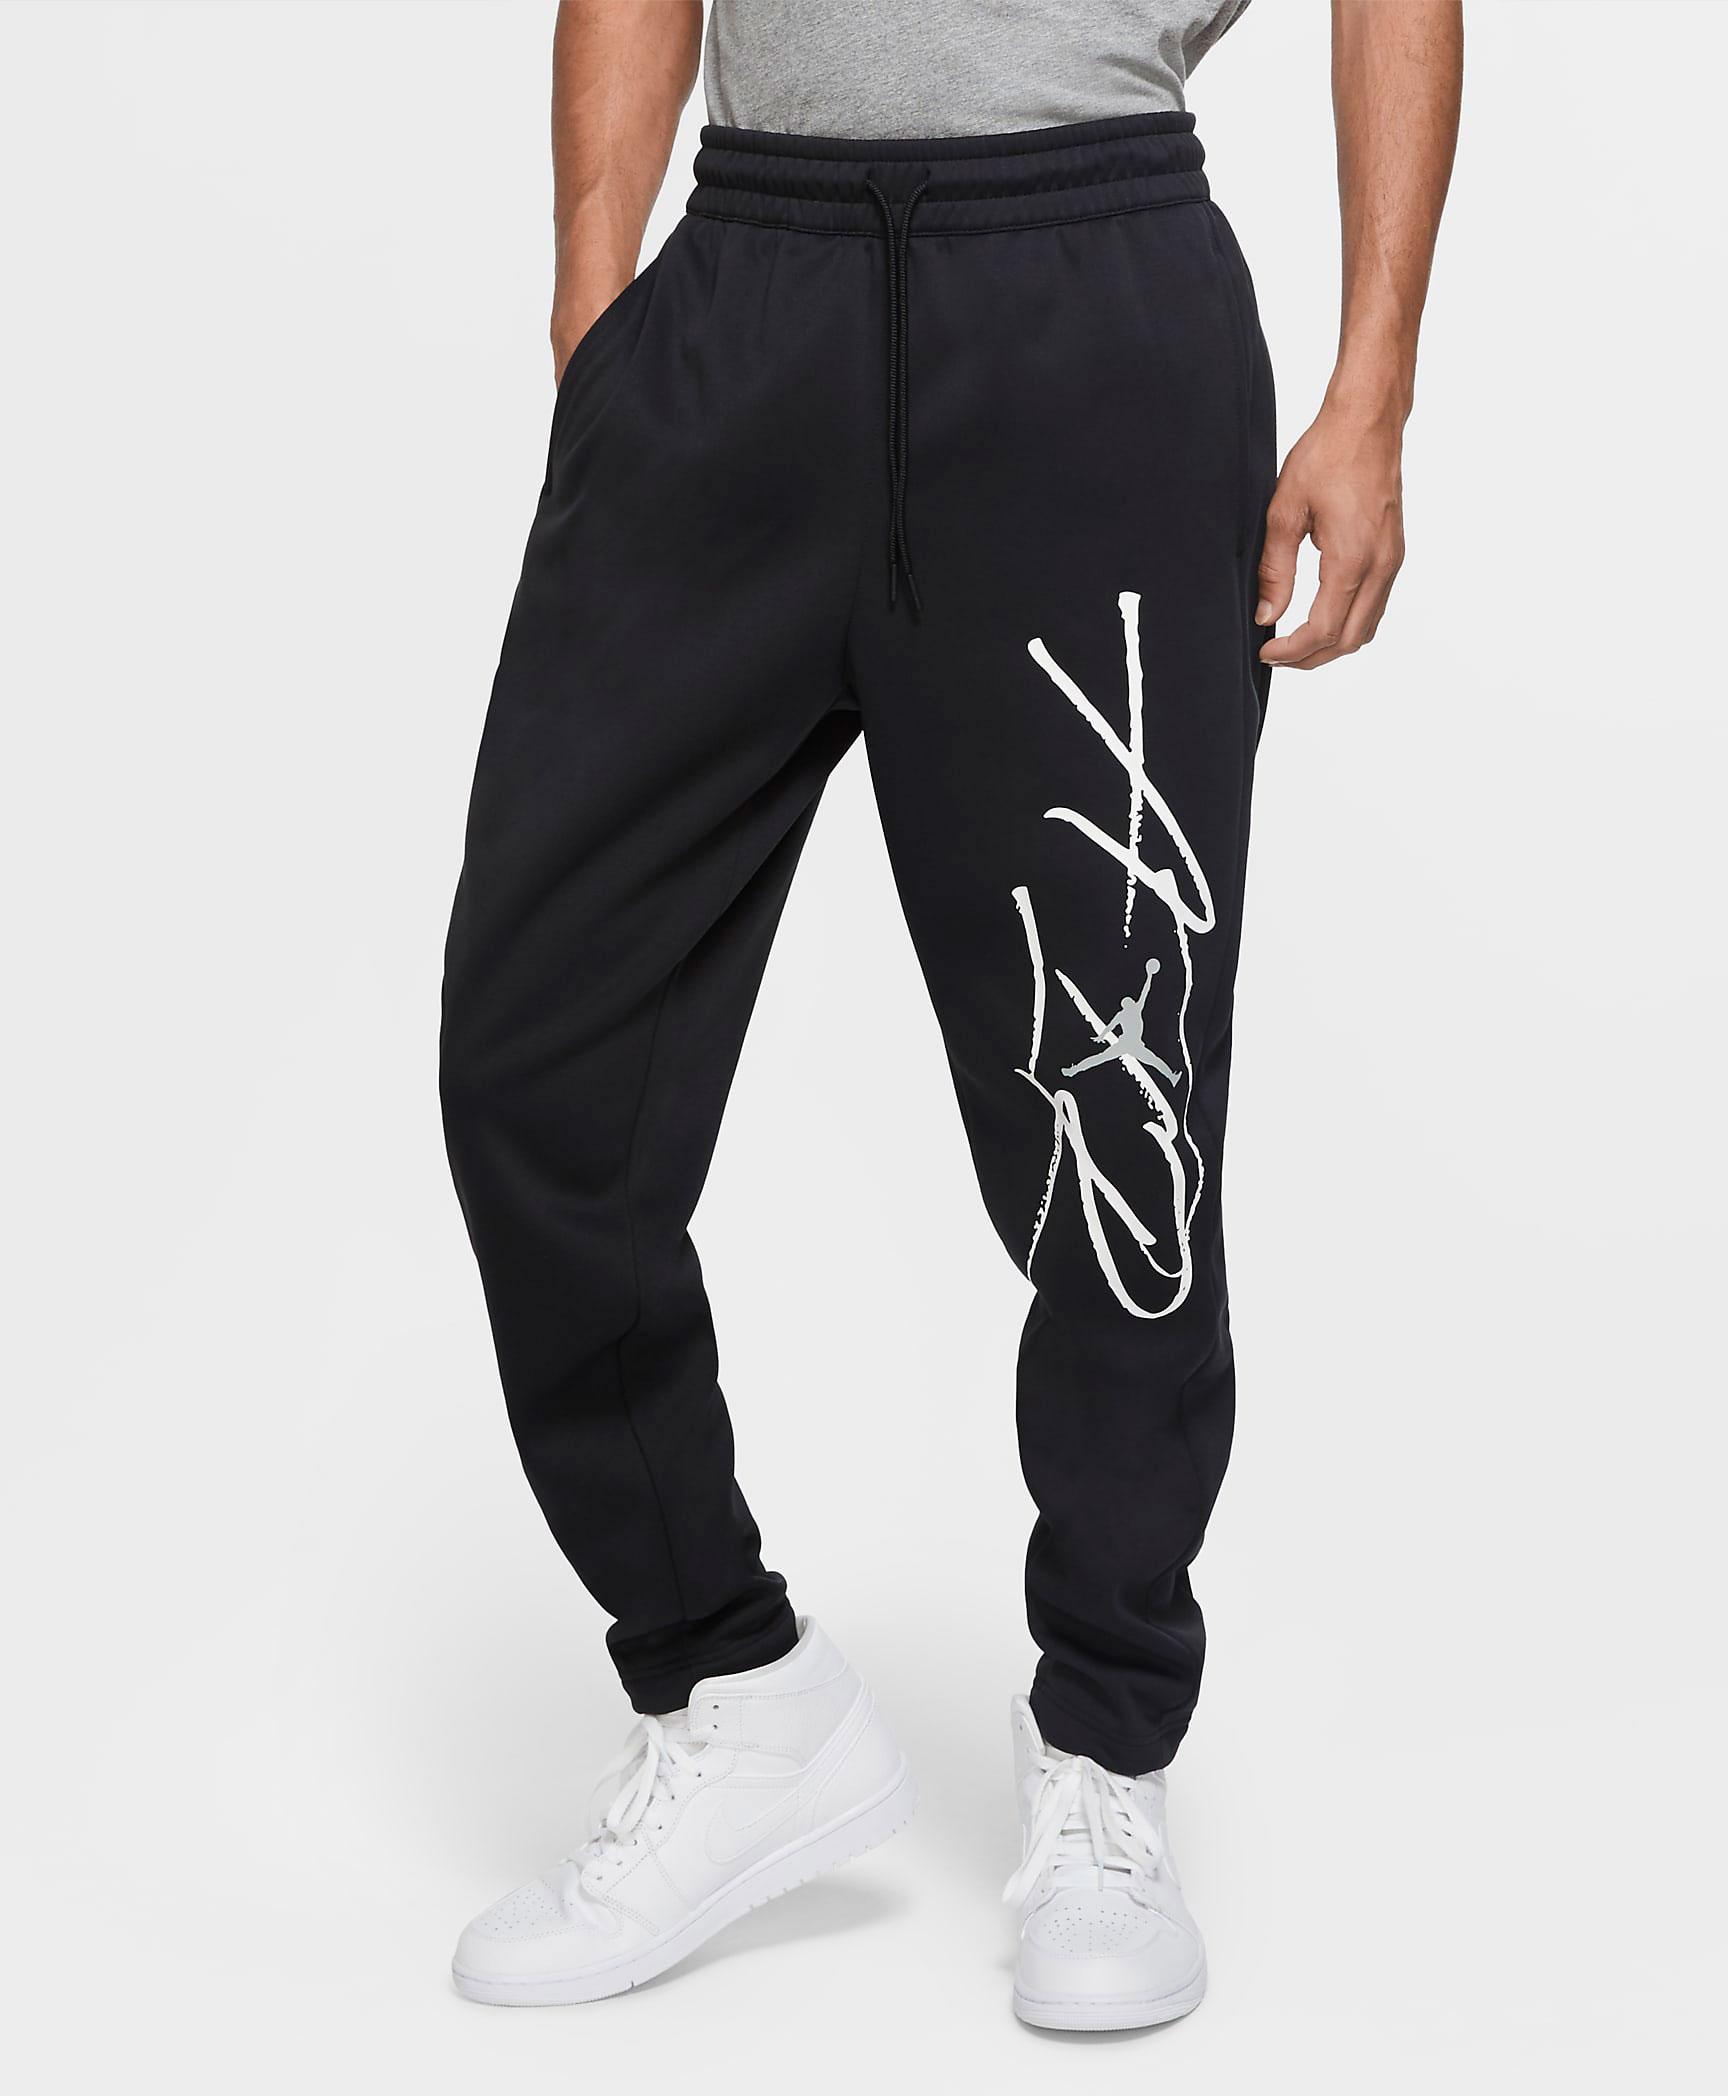 jordan-air-therma-graphic-pants-black-grey